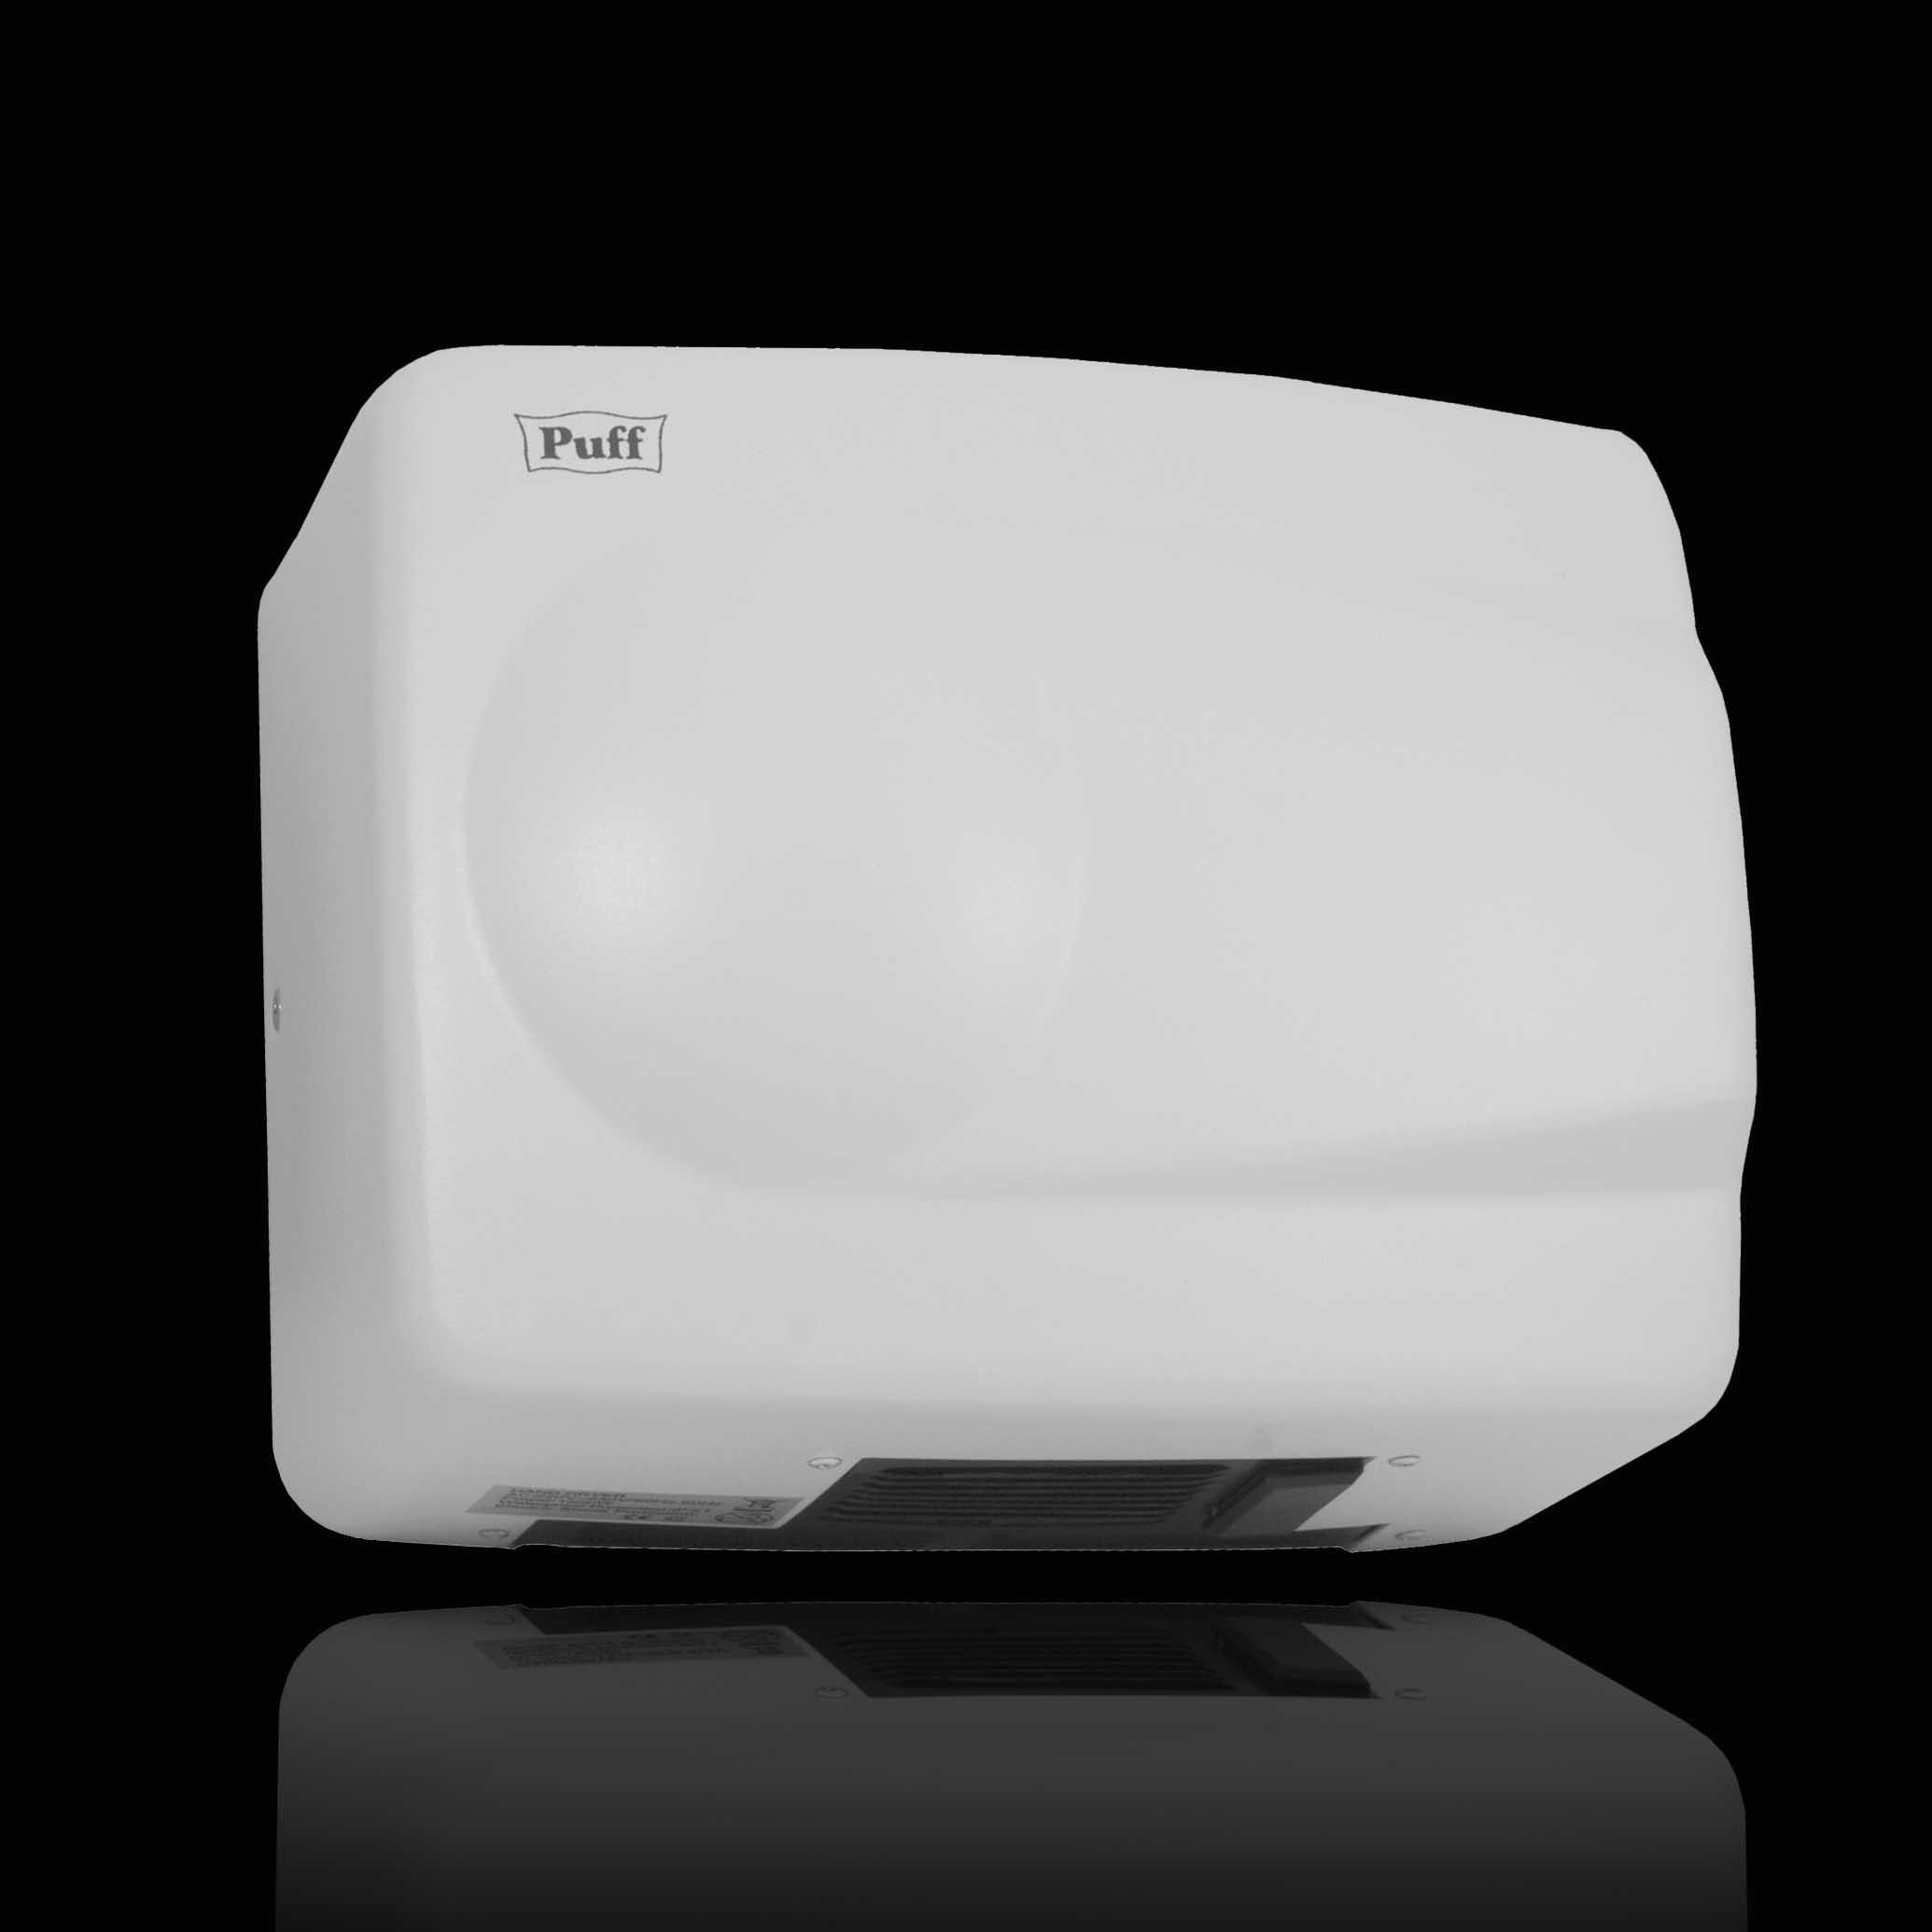 АнтивандальнаяТихая сушилка для рукPuff-8828W Самая малошумная и компактная в своем классе. Обладает привлекательным дизайном. Выполнена в двух цветах - в белом и в хроме. Подходит для мест со средней и малой проходимостью.  Материал корпуса: нержавеющая стальЦвет: белыйМощность (Вт): 1500Скорость воздушного потока (м/сек): 16Время сушки рук (сек): 10-15Механизм включения: автоматическийОбласть срабатывания сенсора, см: 5-20Уровень шума, дБ: 60Температура воздушного потока, С: 40-54°СКласс влагозащищенности: IPX1Защита от перегрева/перегрузки: даВес брутто/нетто, кг: 3,6/3,2Габаритные размеры (мм) (ШхГхВ): 265х125х205Гарантия: 12 мес.